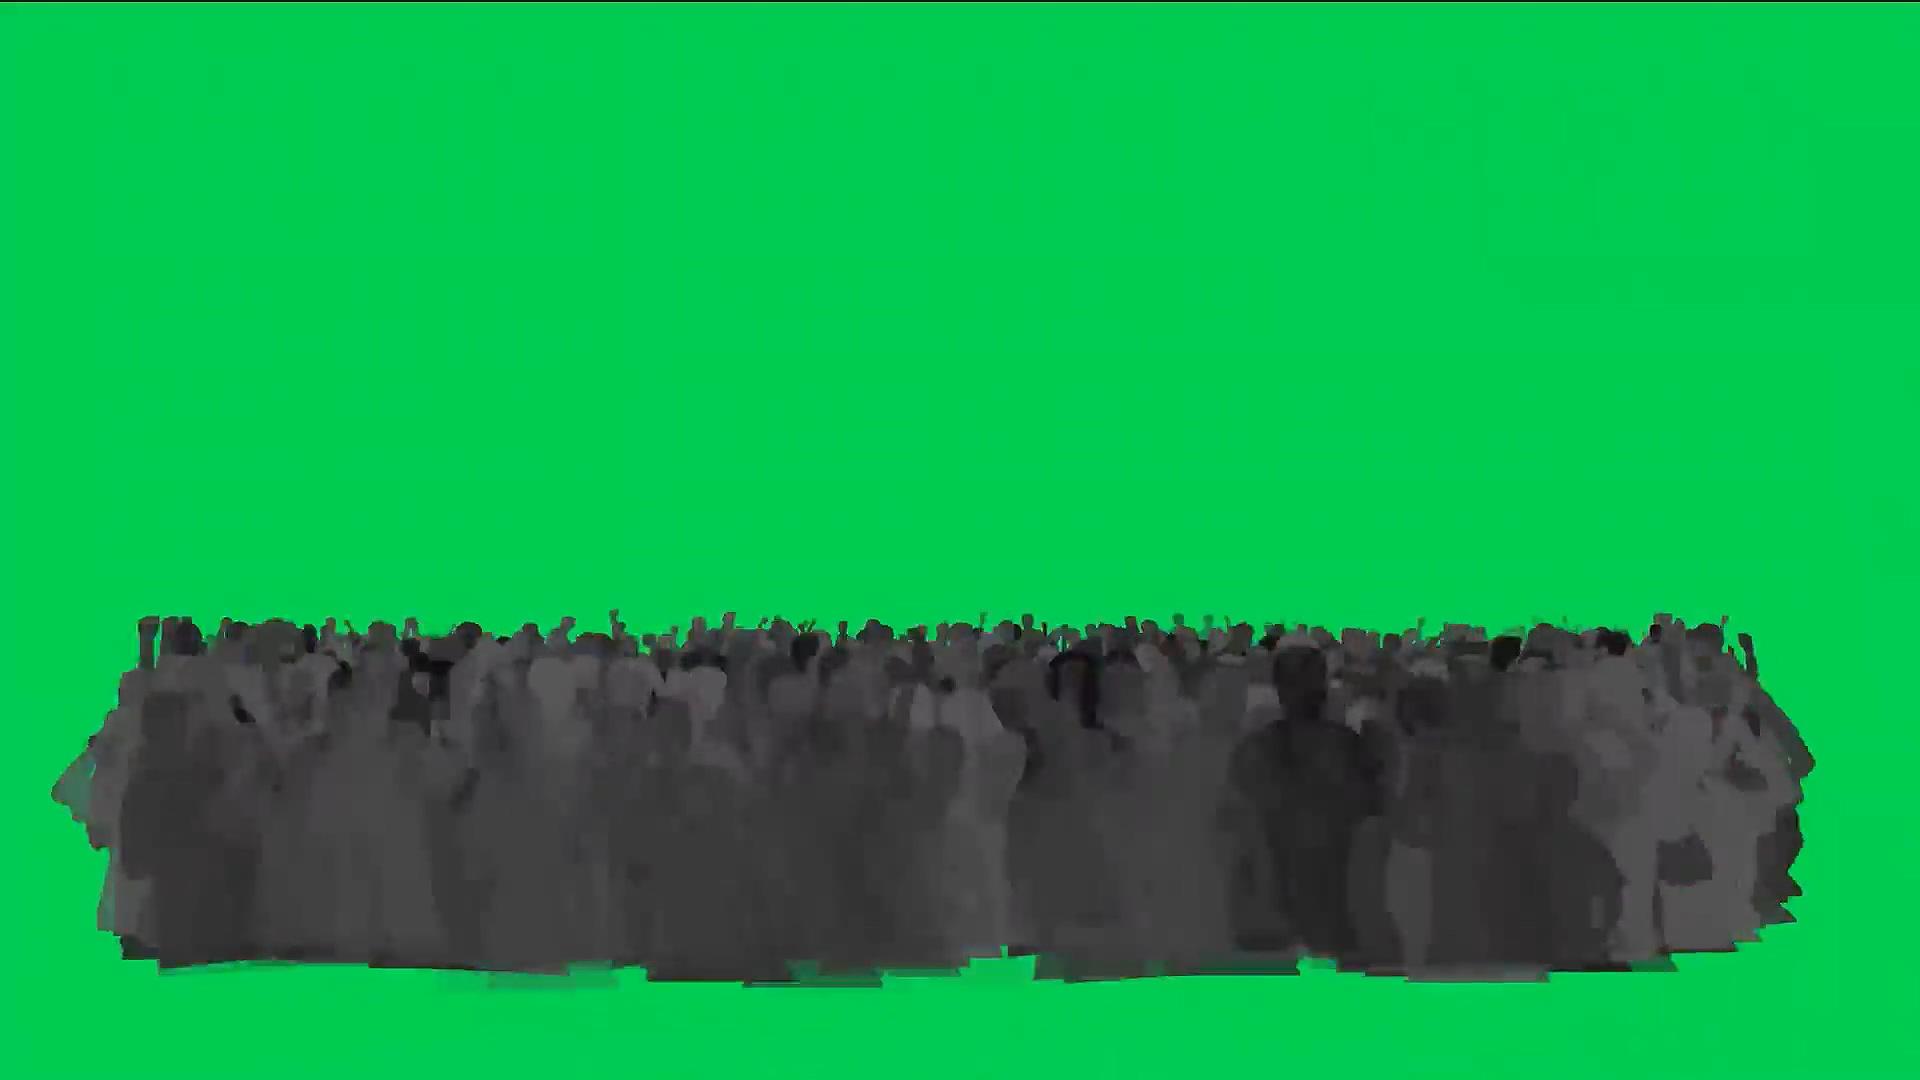 绿屏抠像欢呼的人群影子